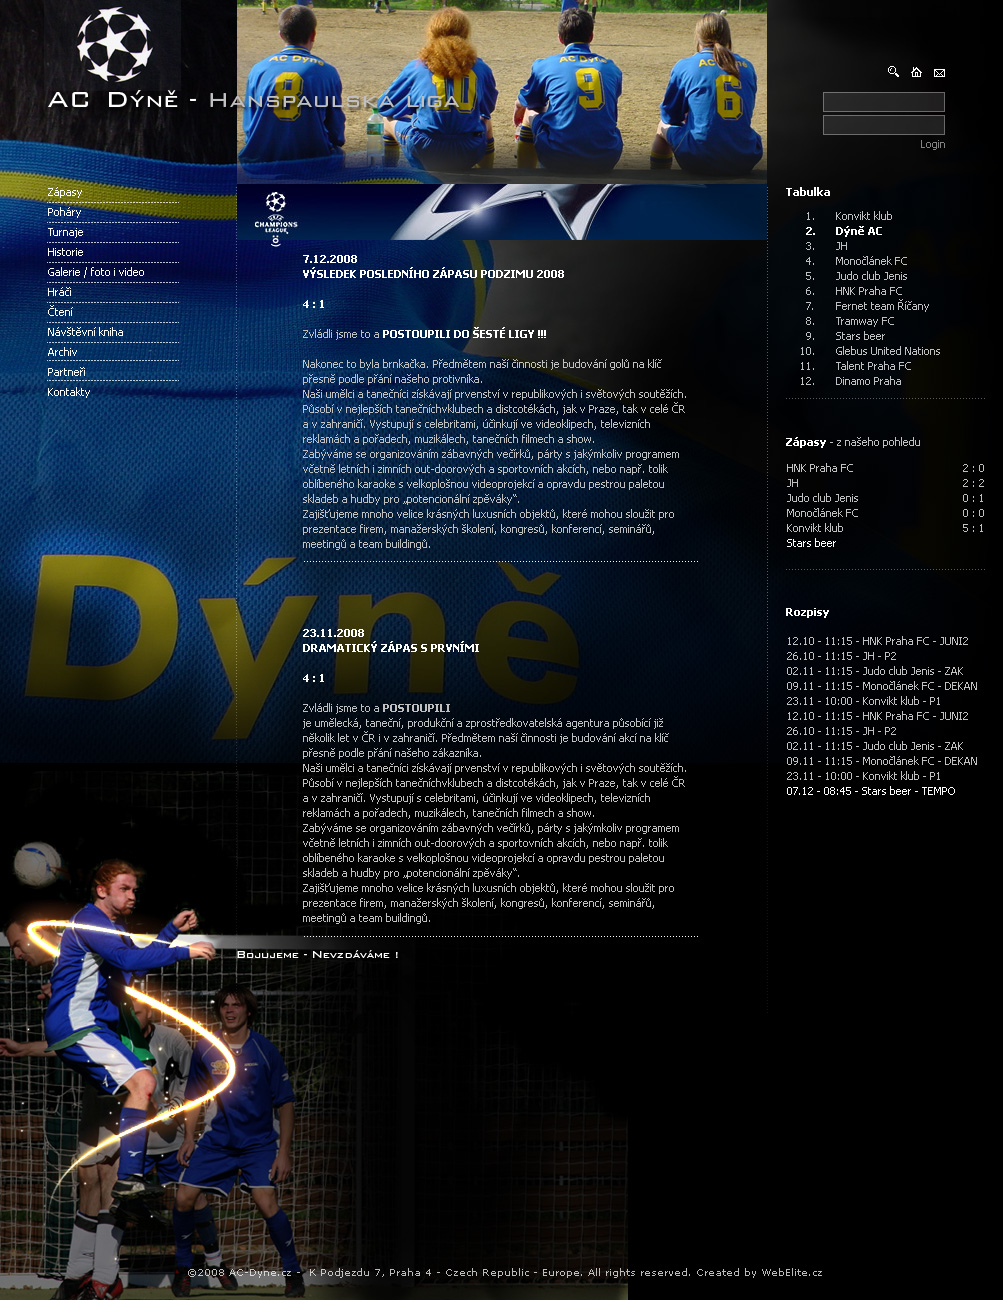 ac-dyne